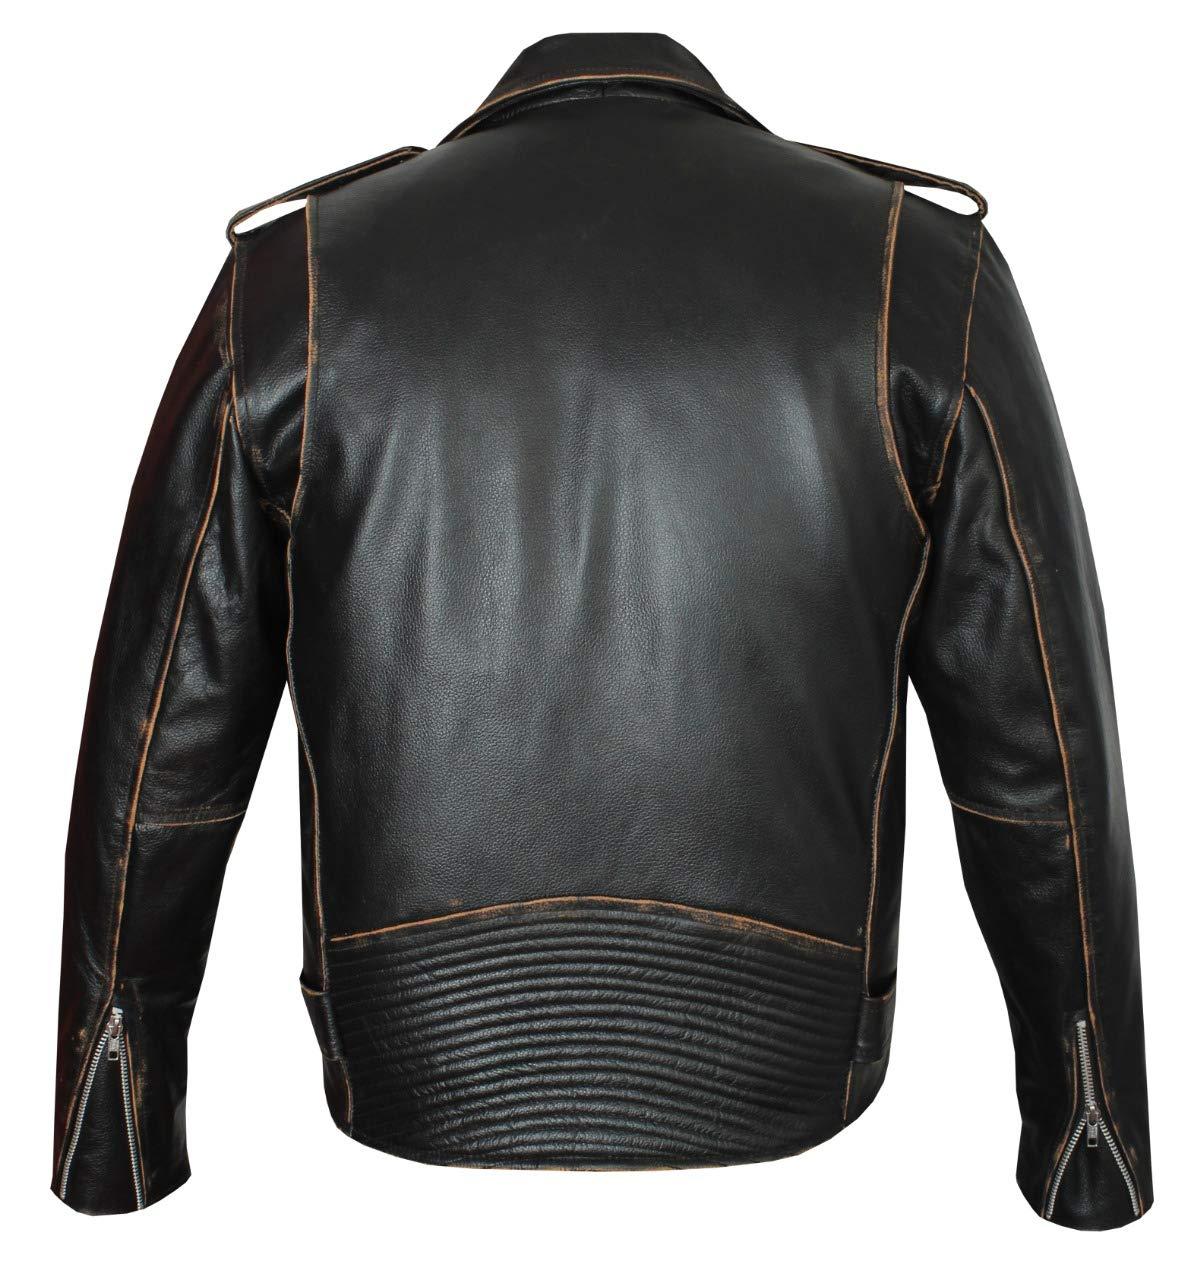 JET Giacca Moto Pelle Uomo con Protezioni Vintage Iconico Retr/ò Classico BRANDO Nero normale, S